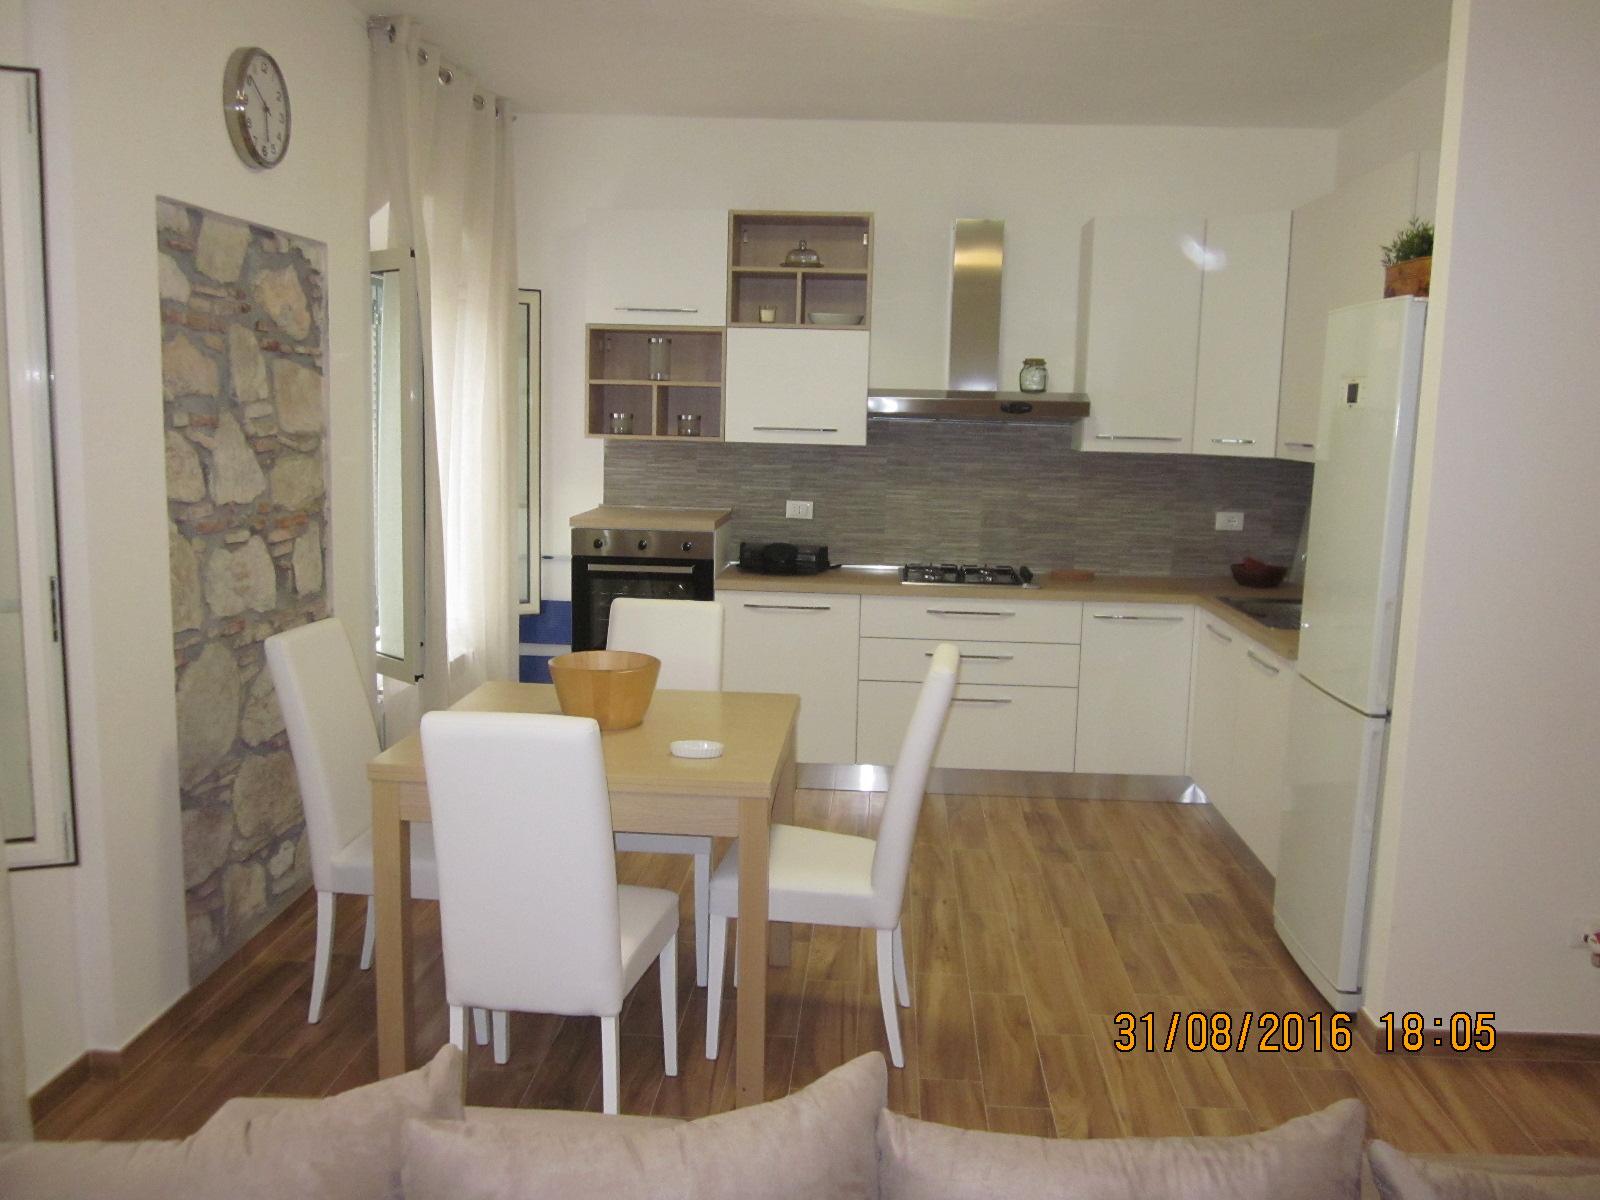 appartamento in affitto a viareggio cod. vgc180